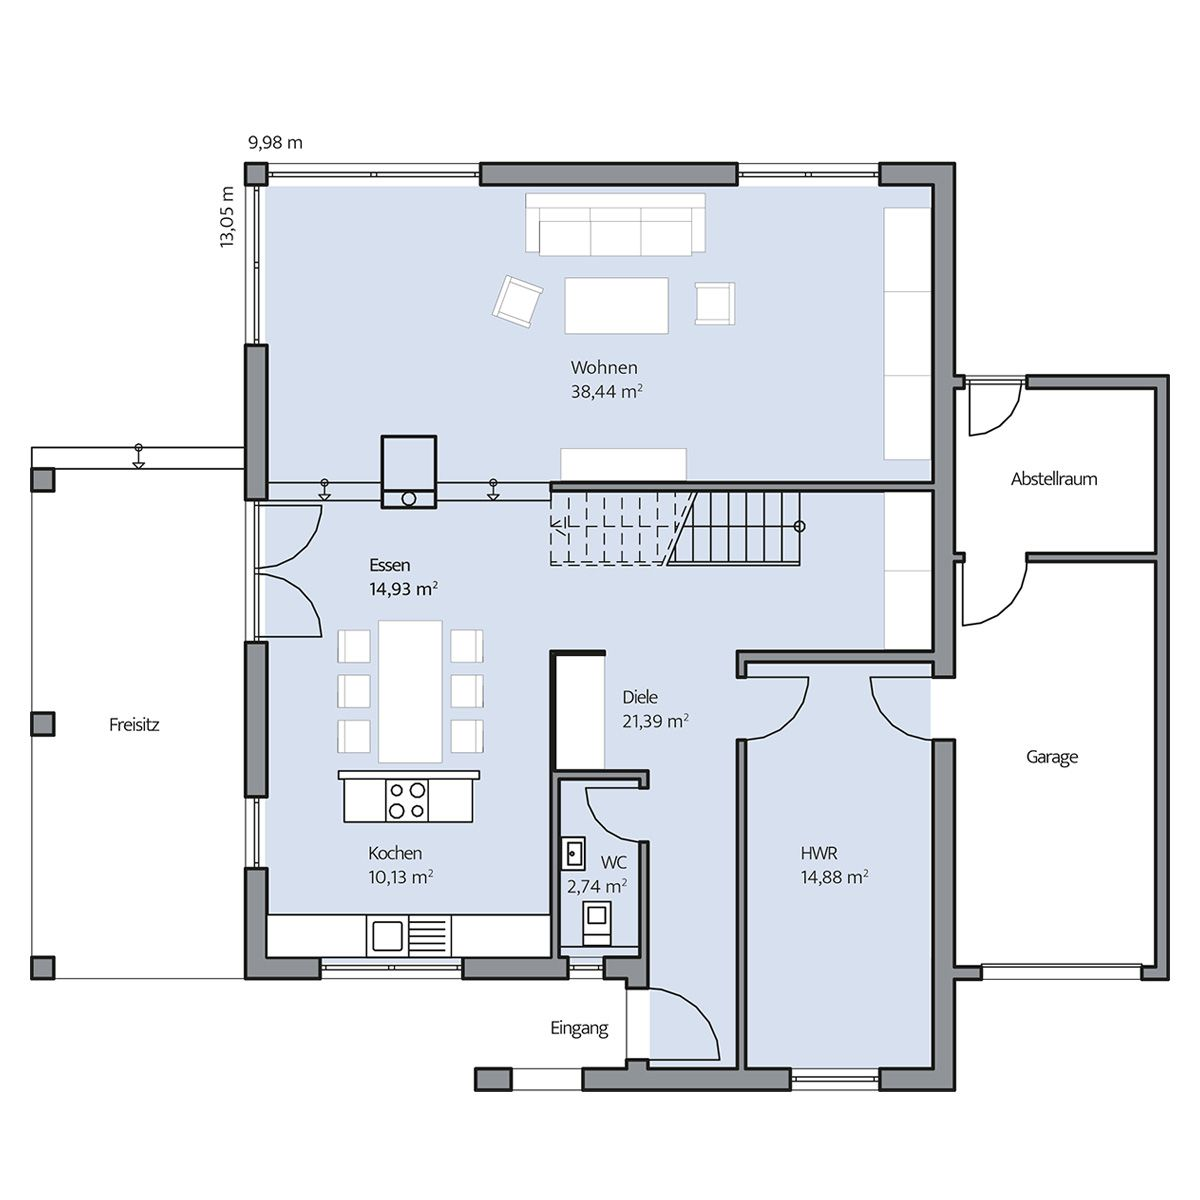 wc dusche re unten neben eingang garderobe danach speis k che andrrs eckbank ofen raus. Black Bedroom Furniture Sets. Home Design Ideas